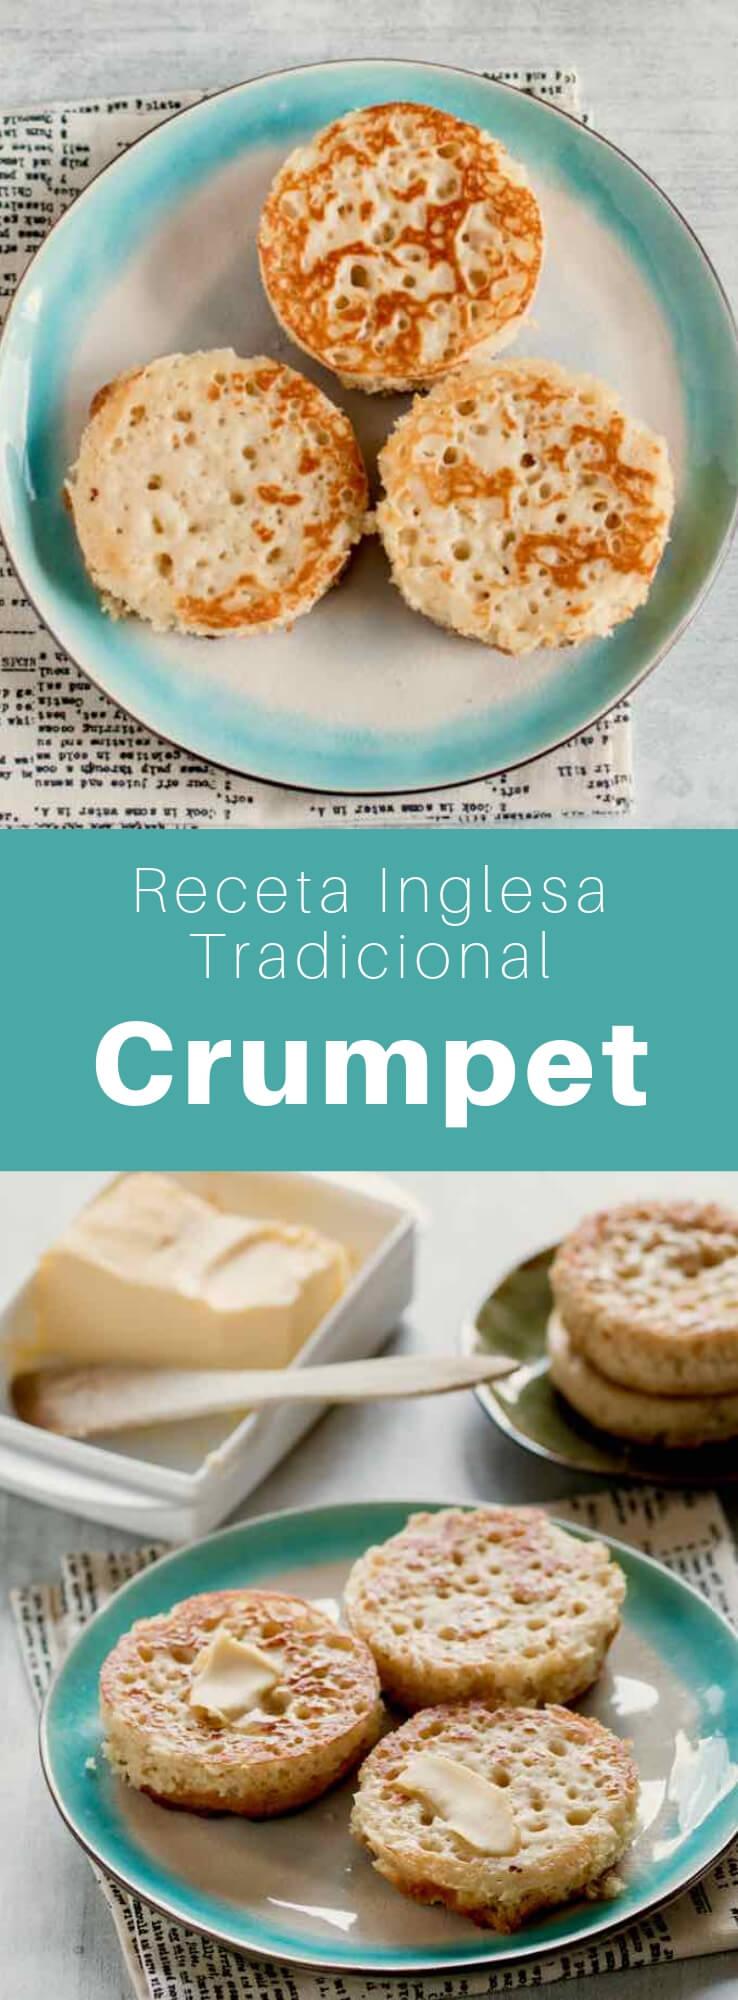 El crumpet es un pan hecho de harina y levadura. Se consume principalmente en el Reino Unido, pero también en toda la Commonwealth.